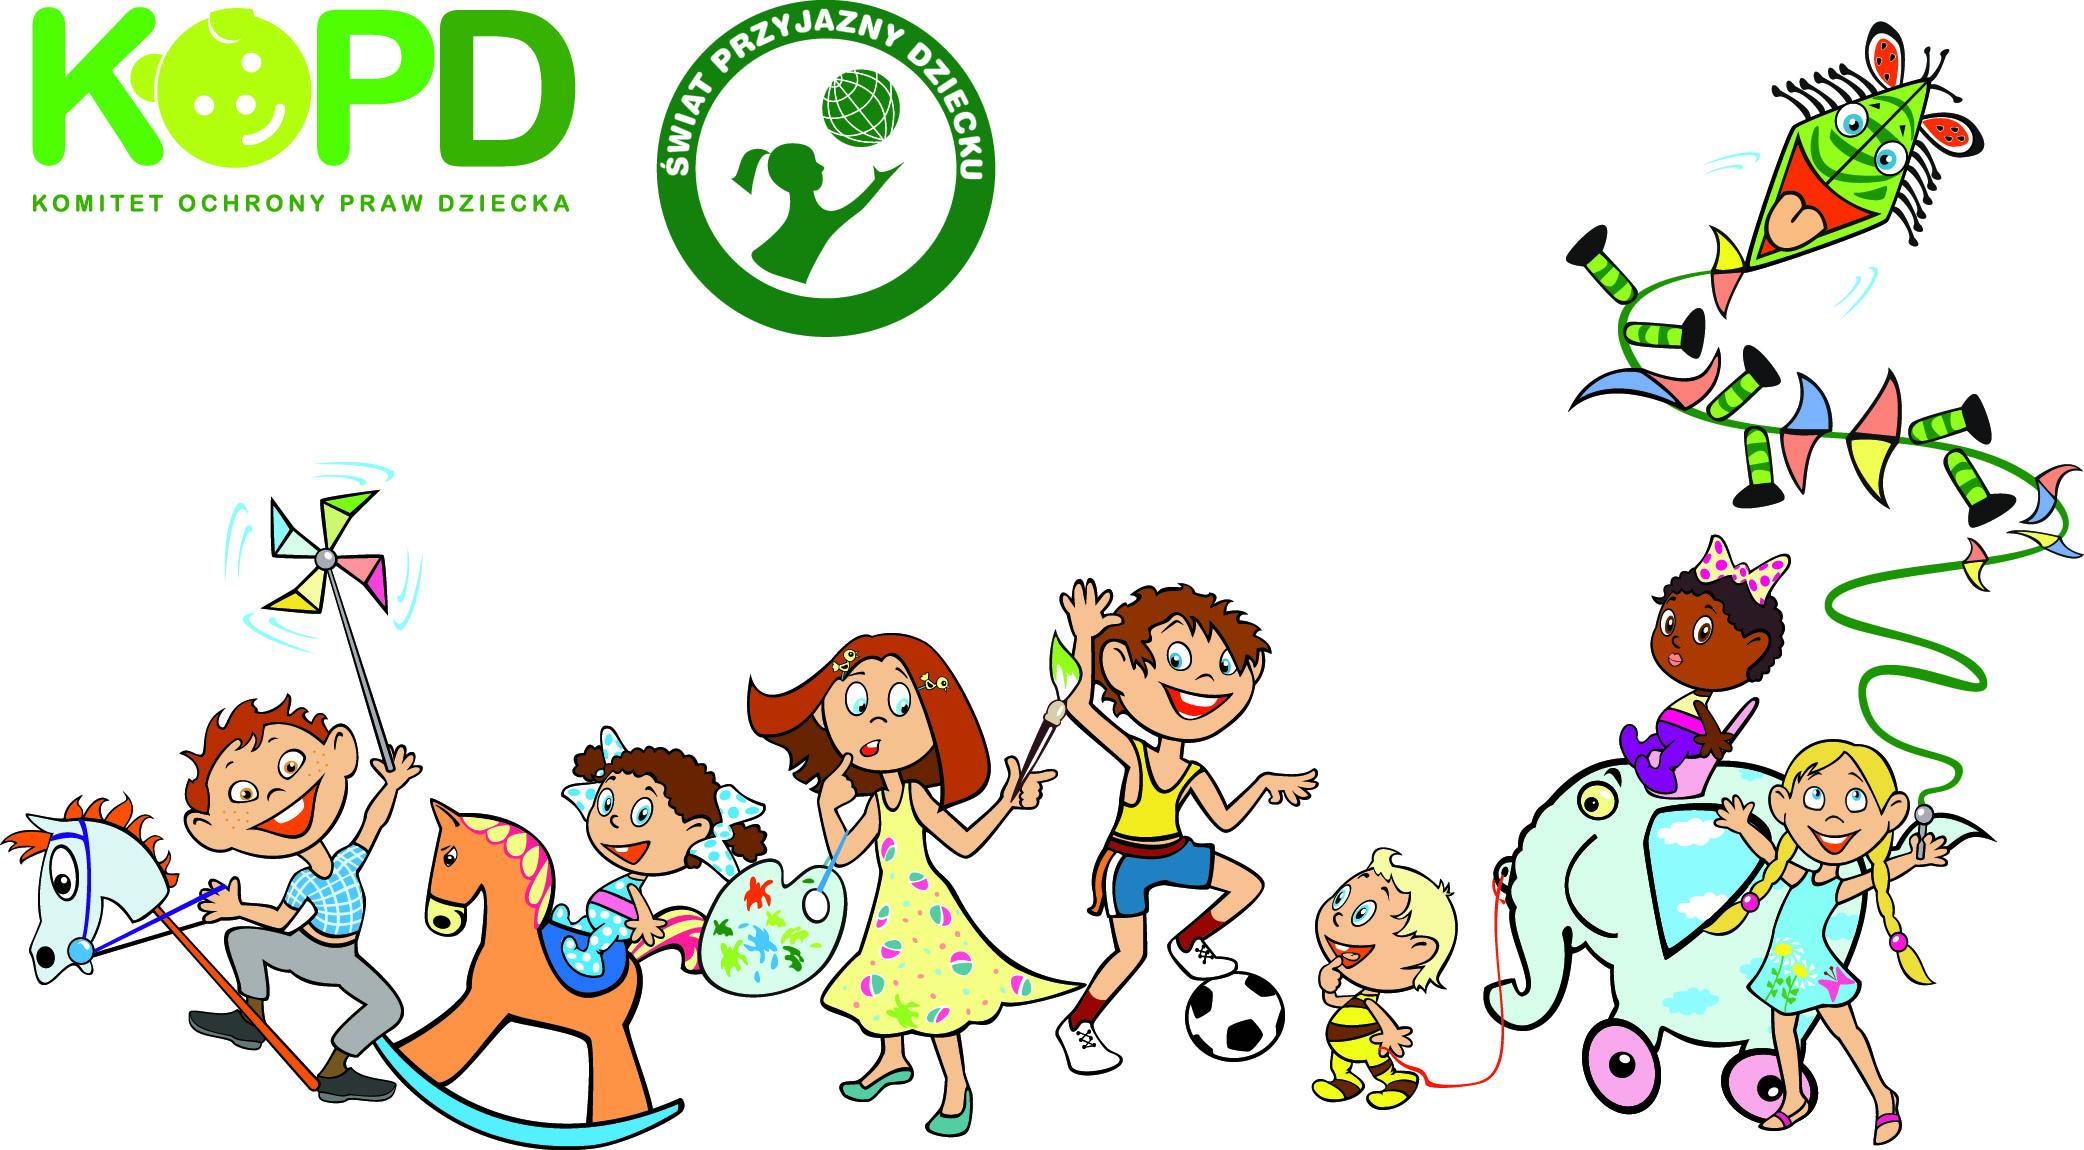 Świat przyjazny dziecku wyniku konkursu 2016